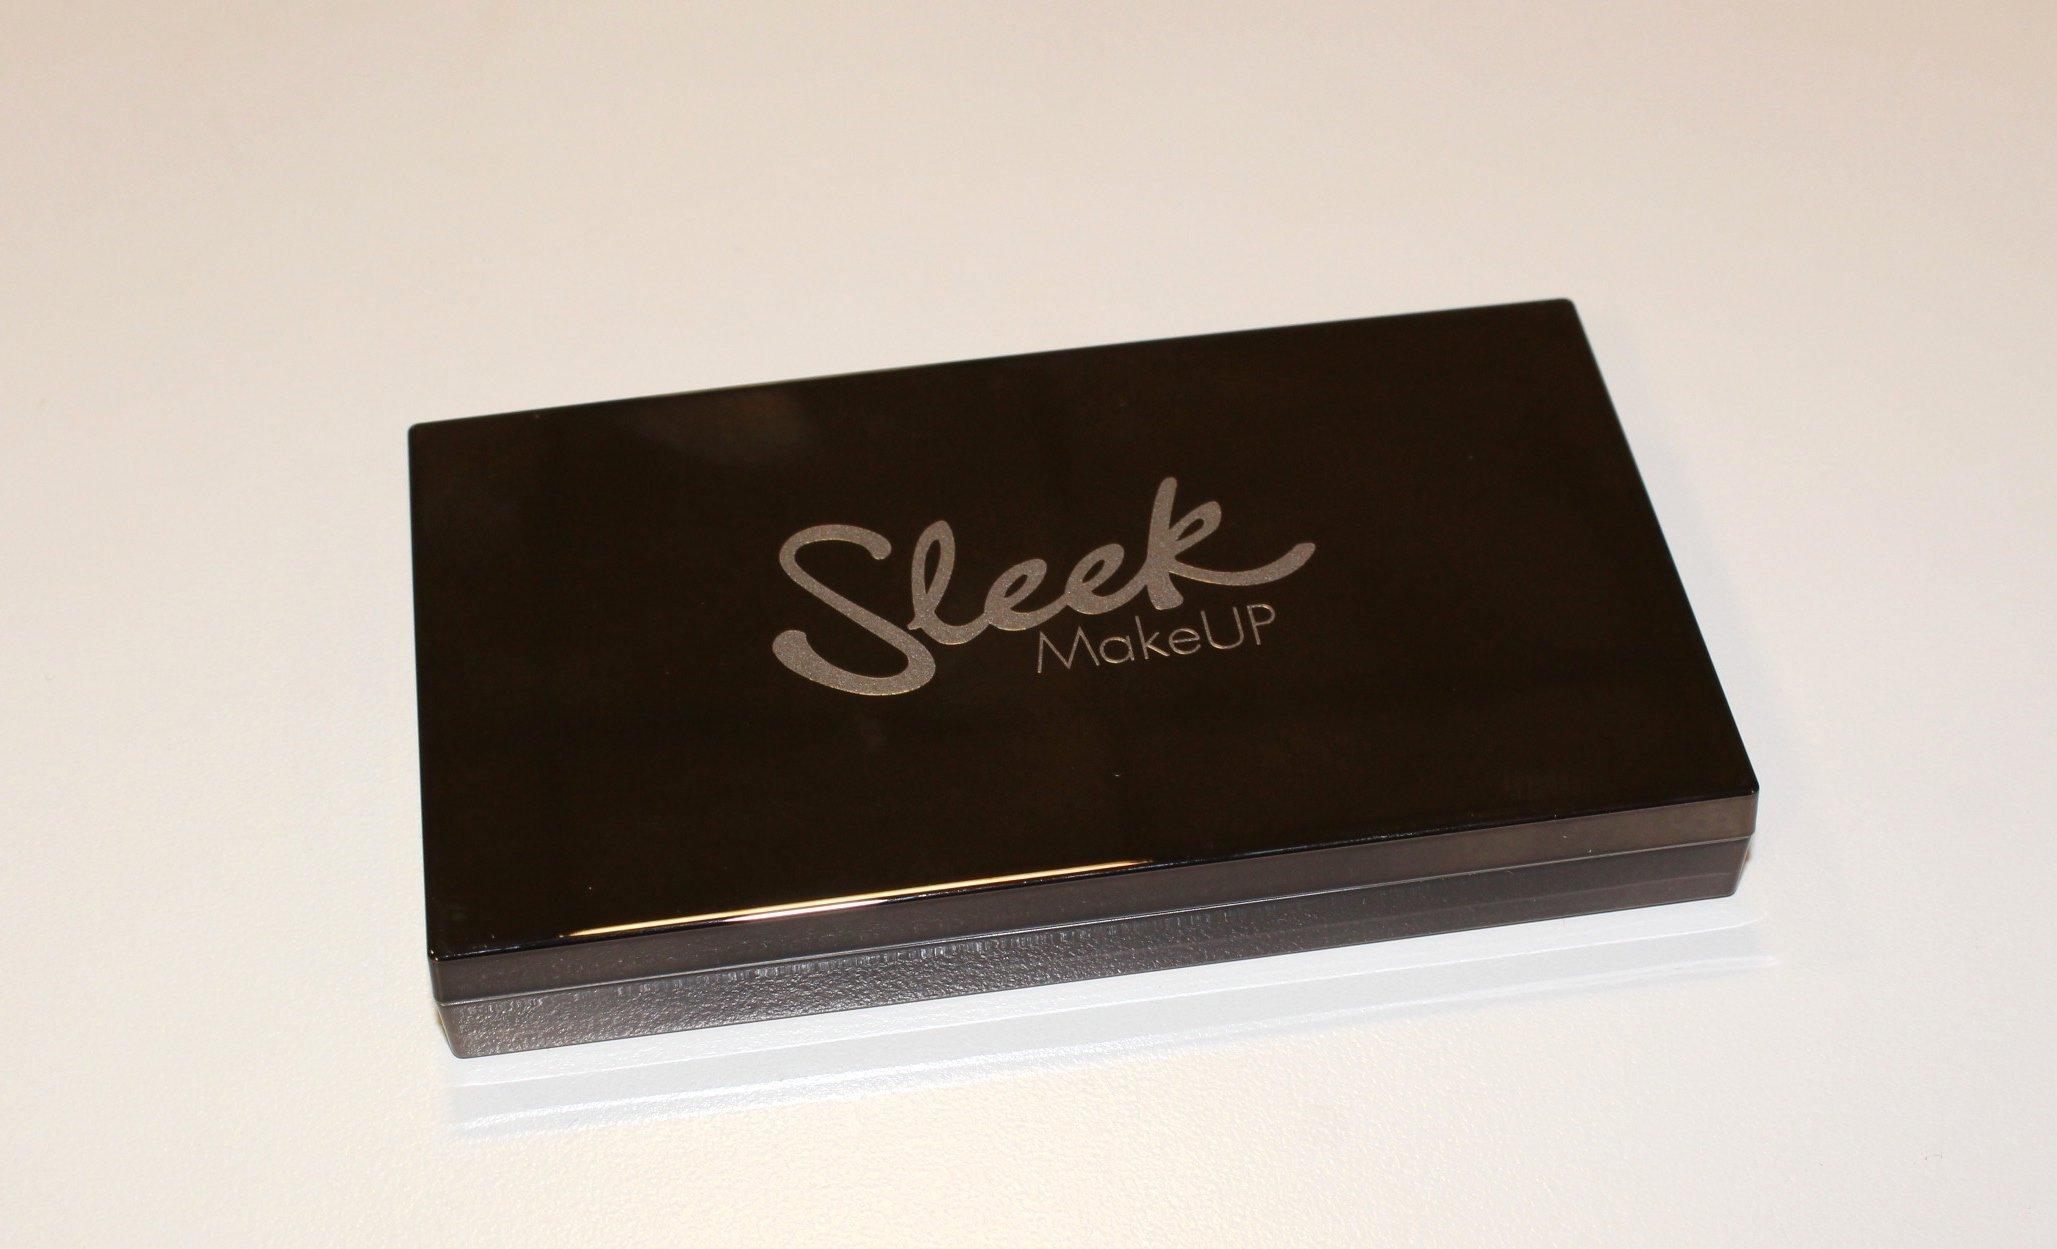 sleek-makeup-precious-metals